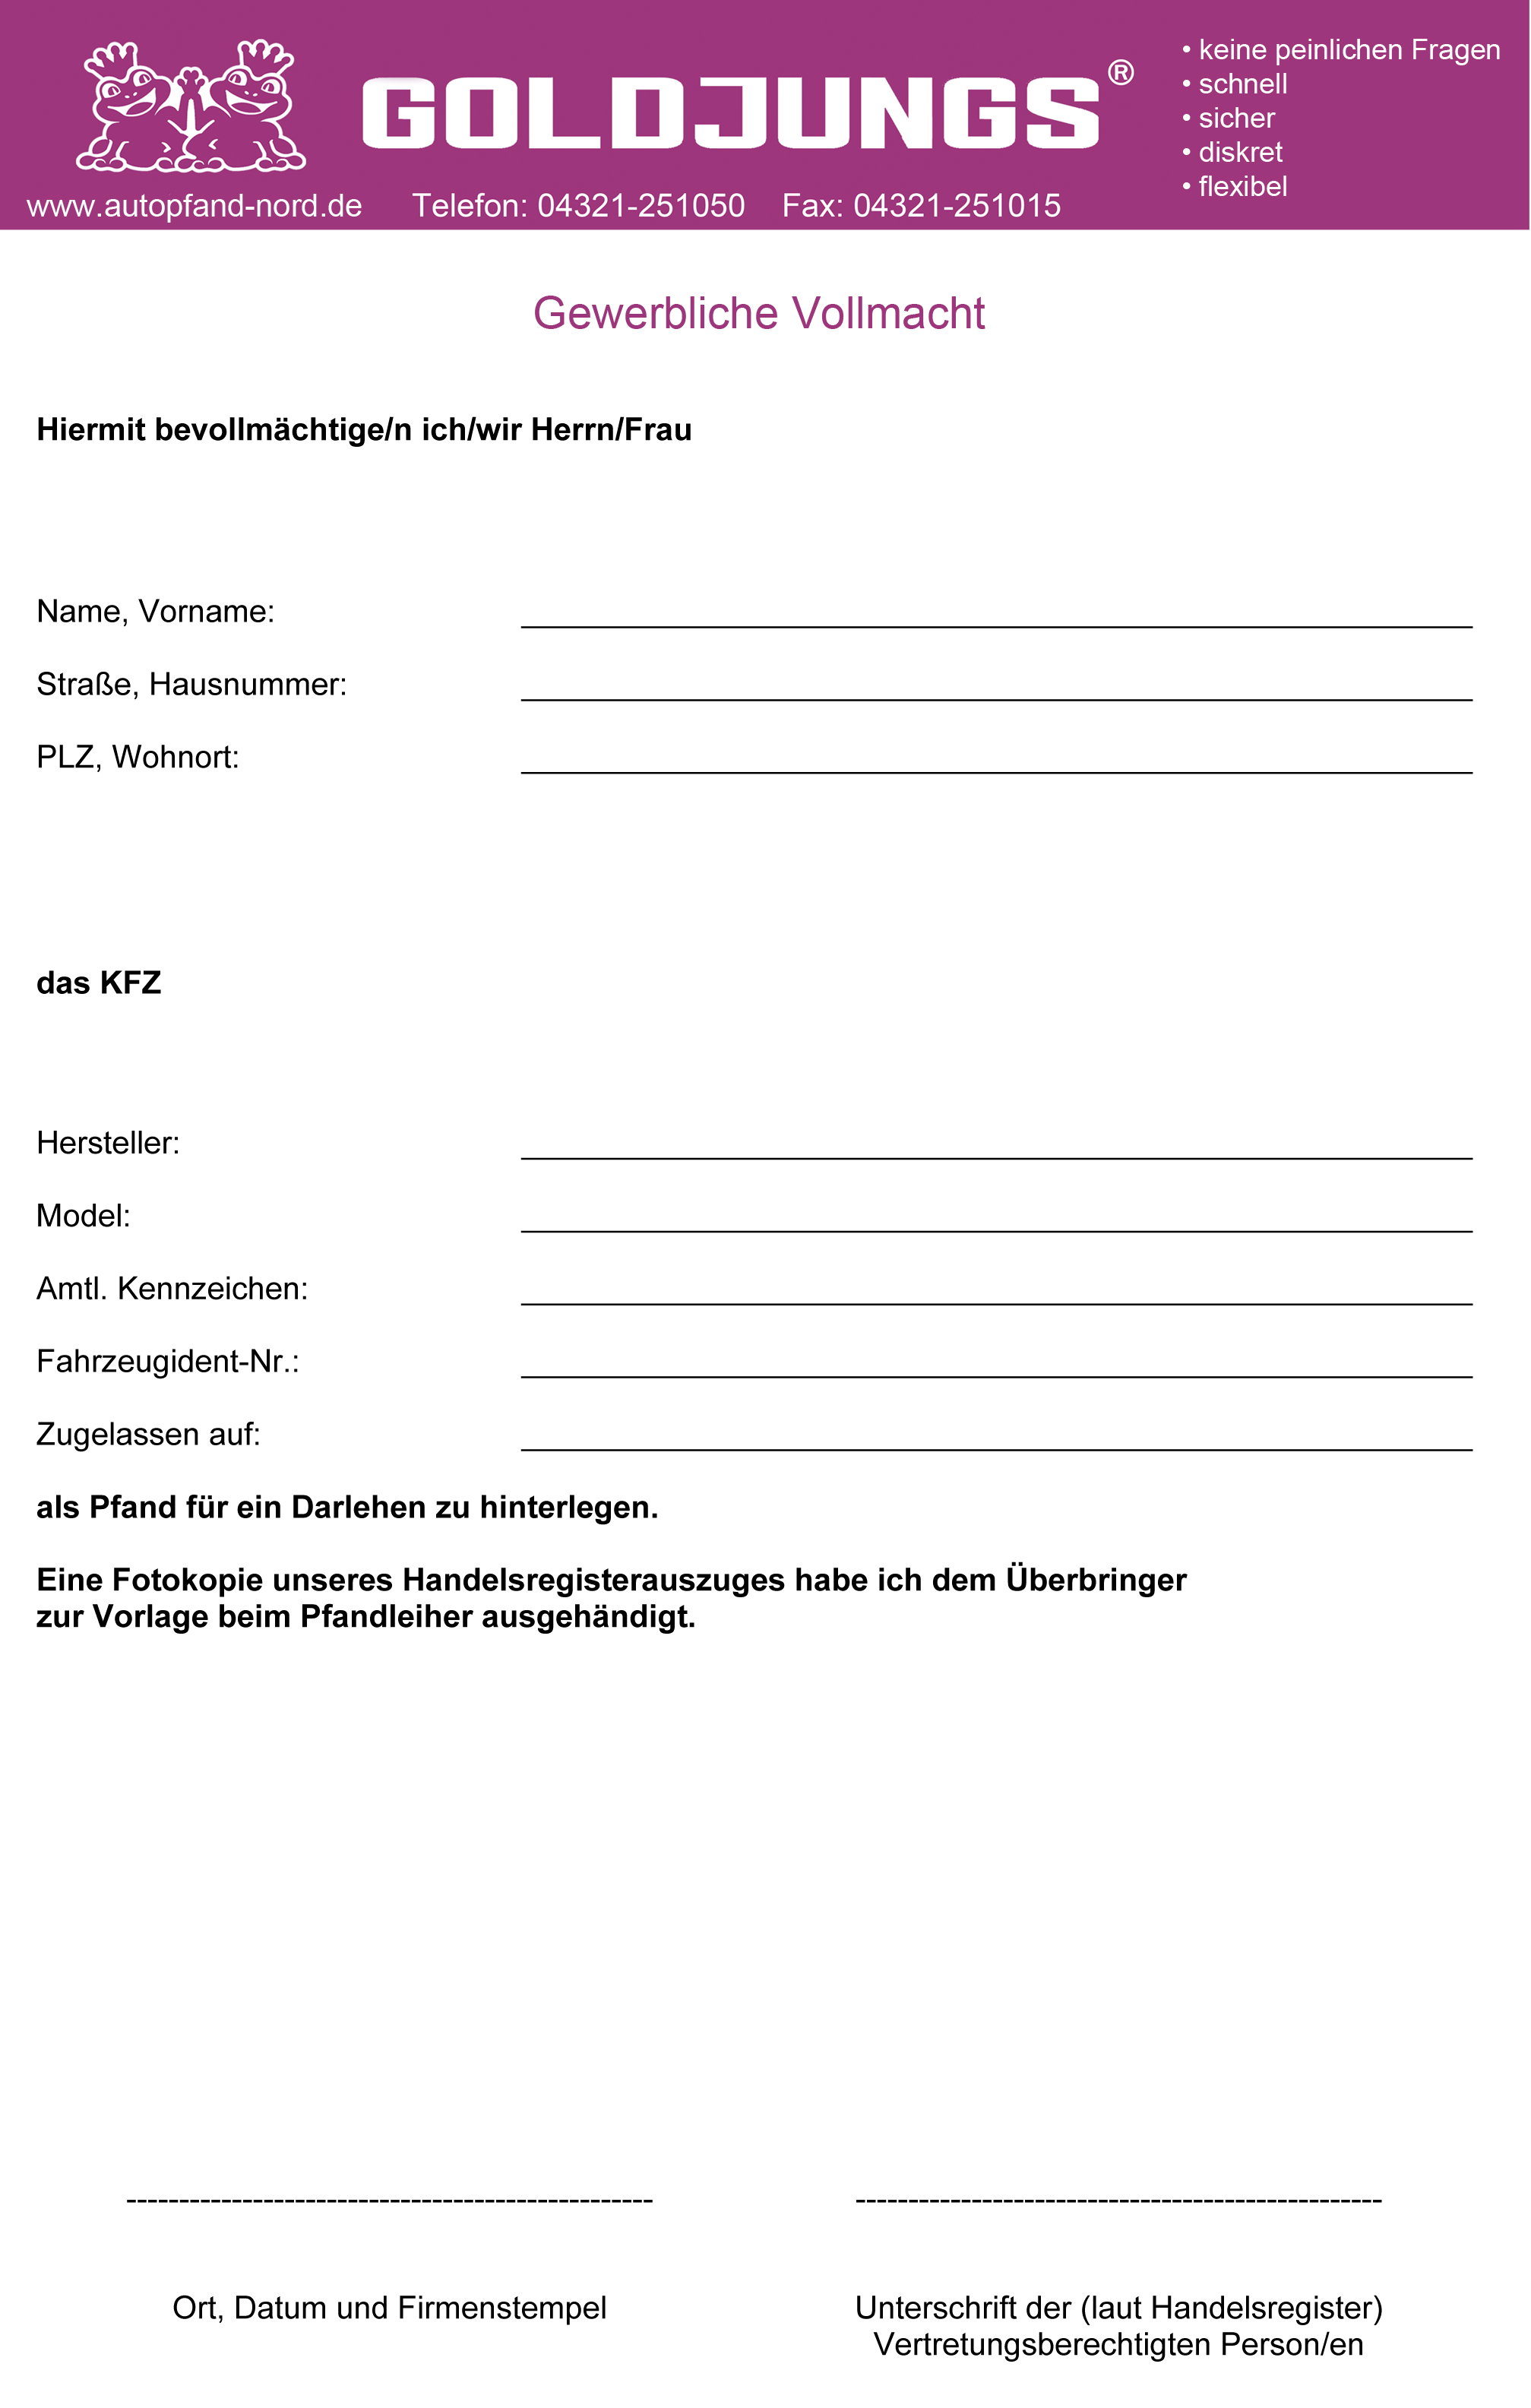 Erfreut Boardmaker Vorlagen Bilder - Entry Level Resume Vorlagen ...